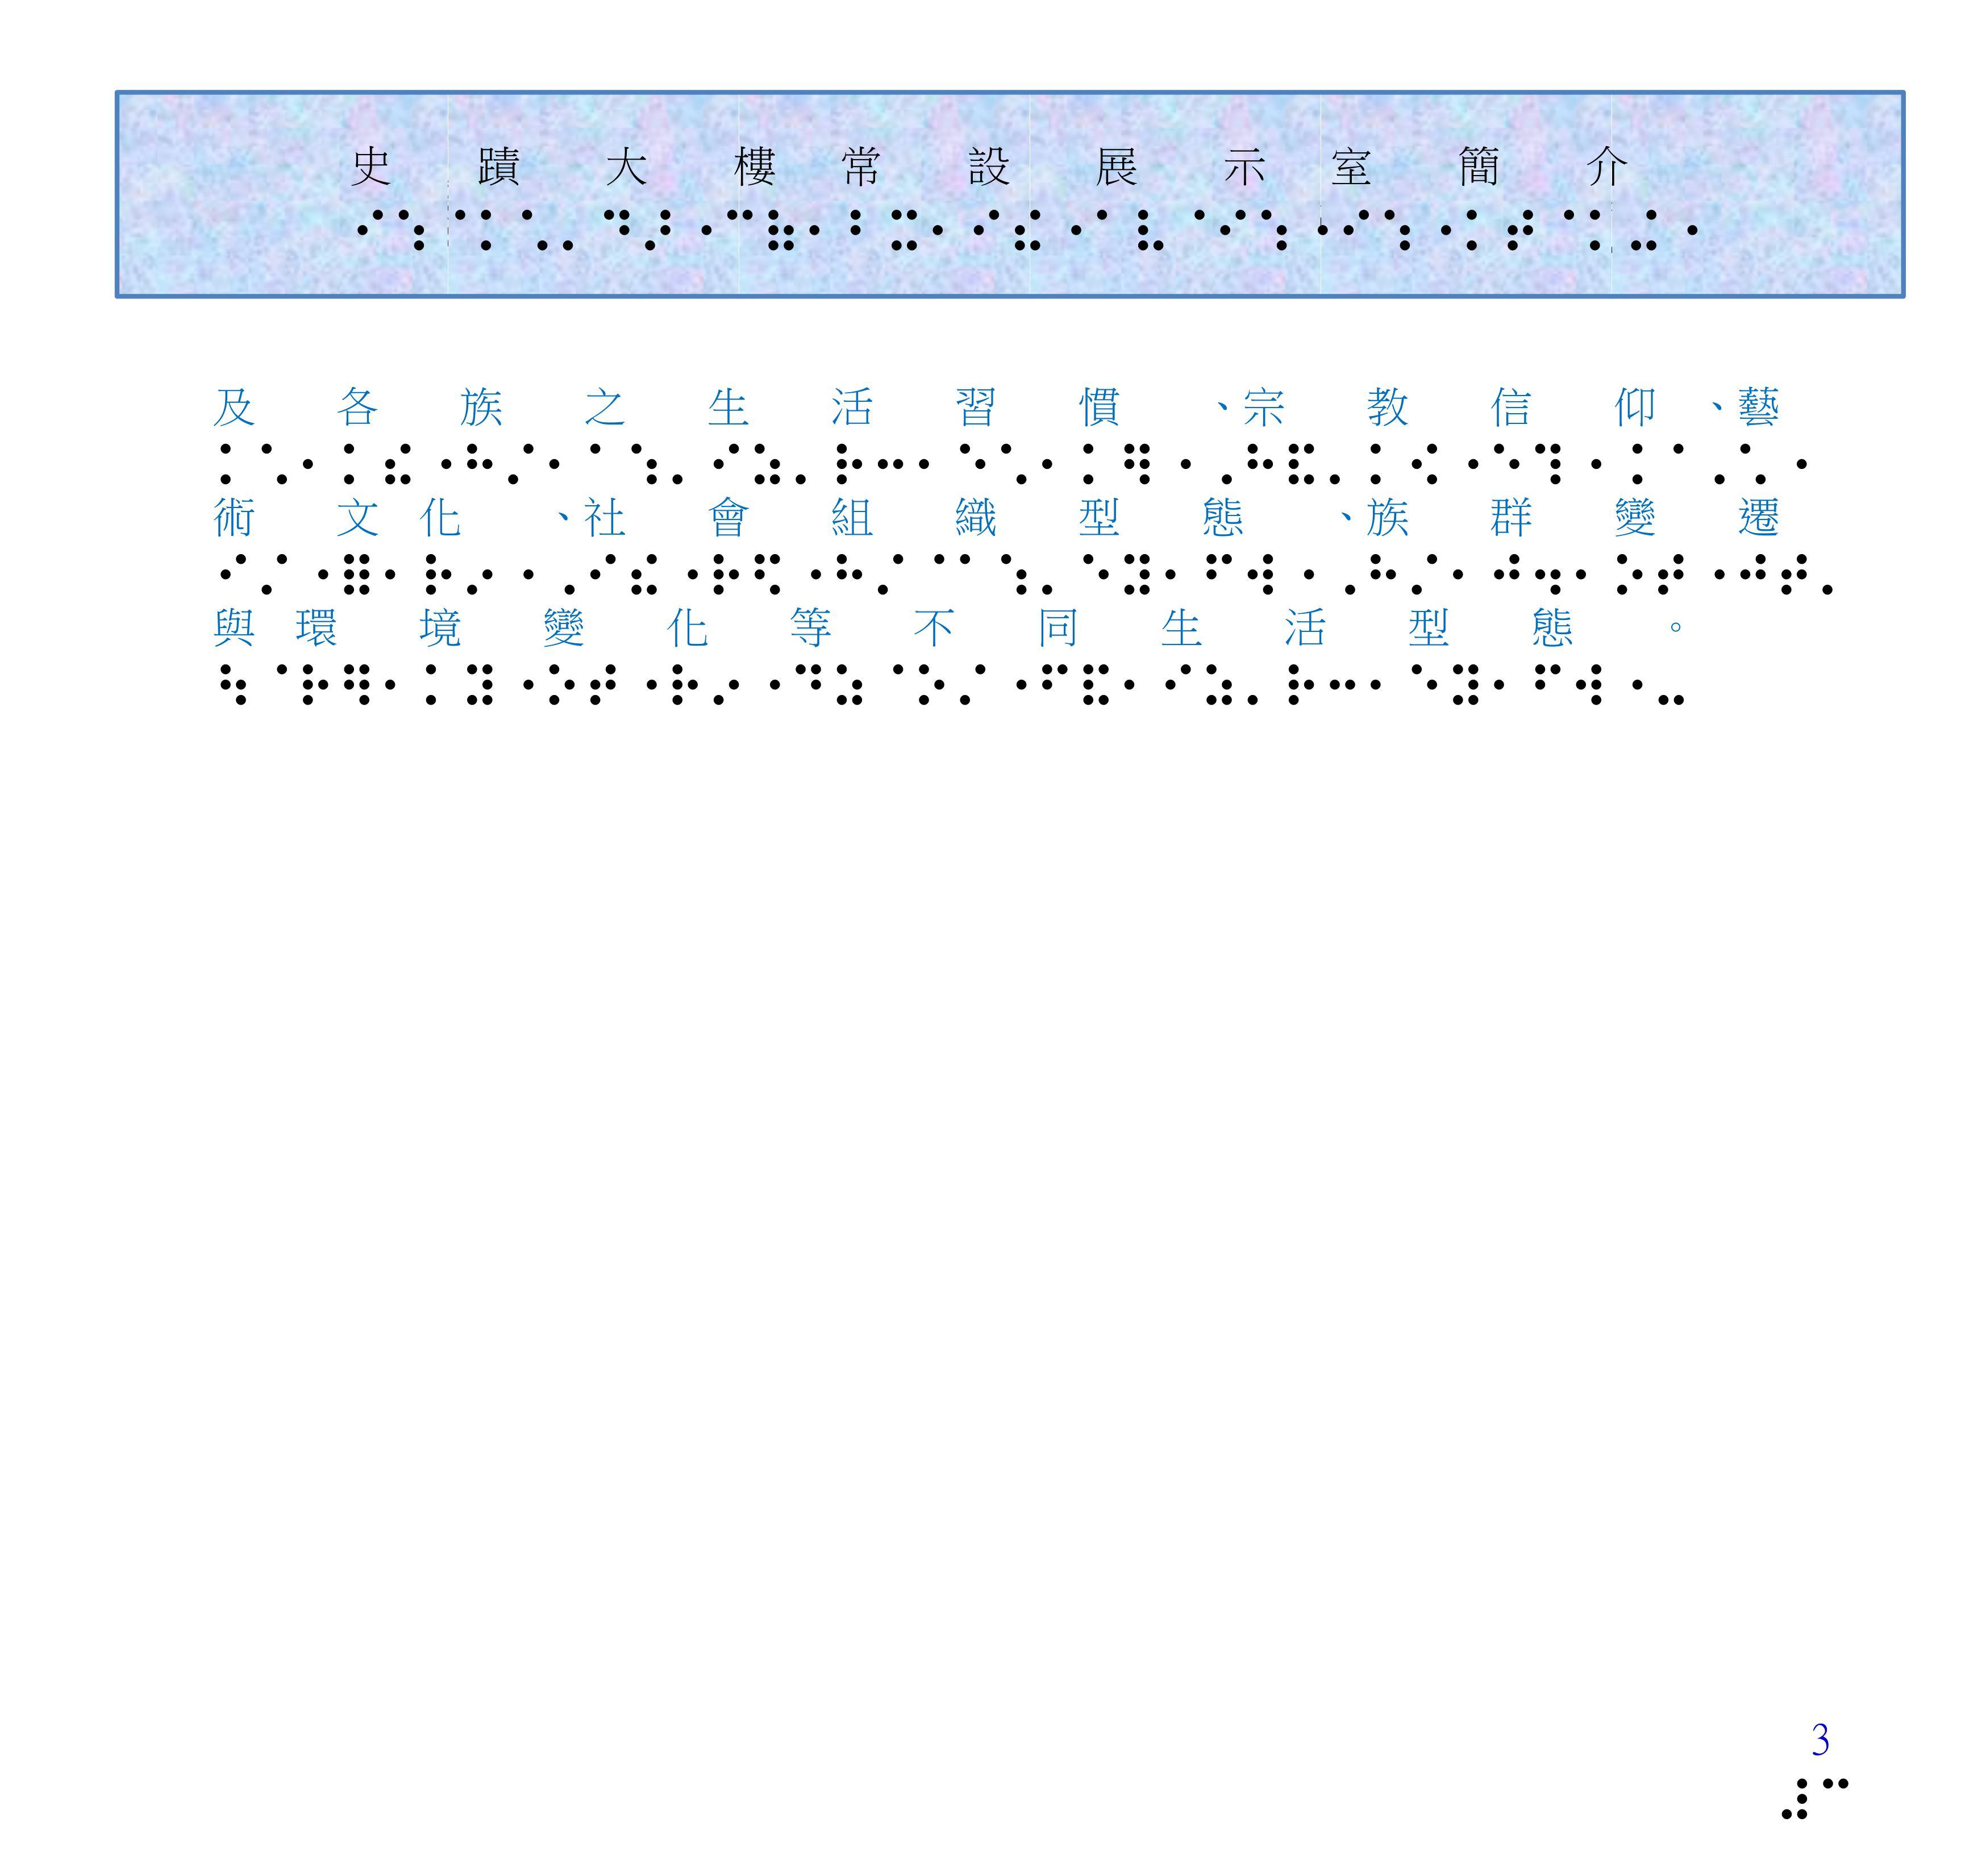 史蹟大樓視障導覽點字書簡介第3頁,含總說明共108個字